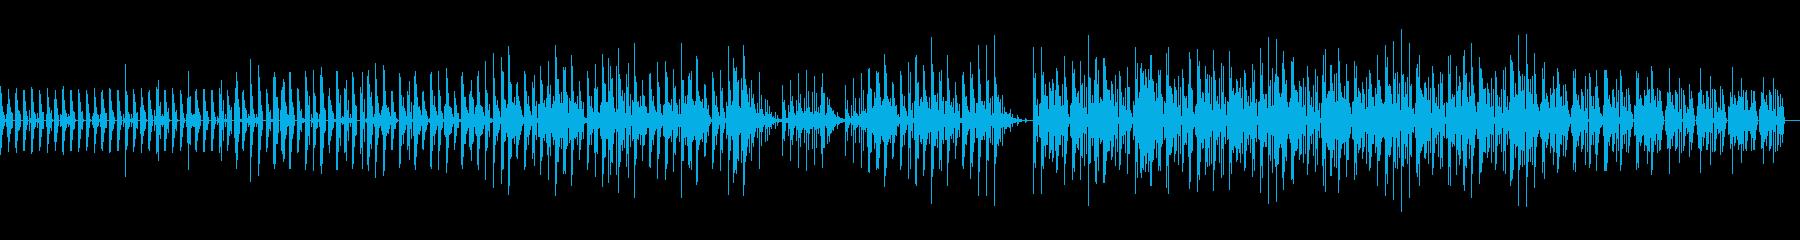 近未来的でクールなダンサブルな曲の再生済みの波形